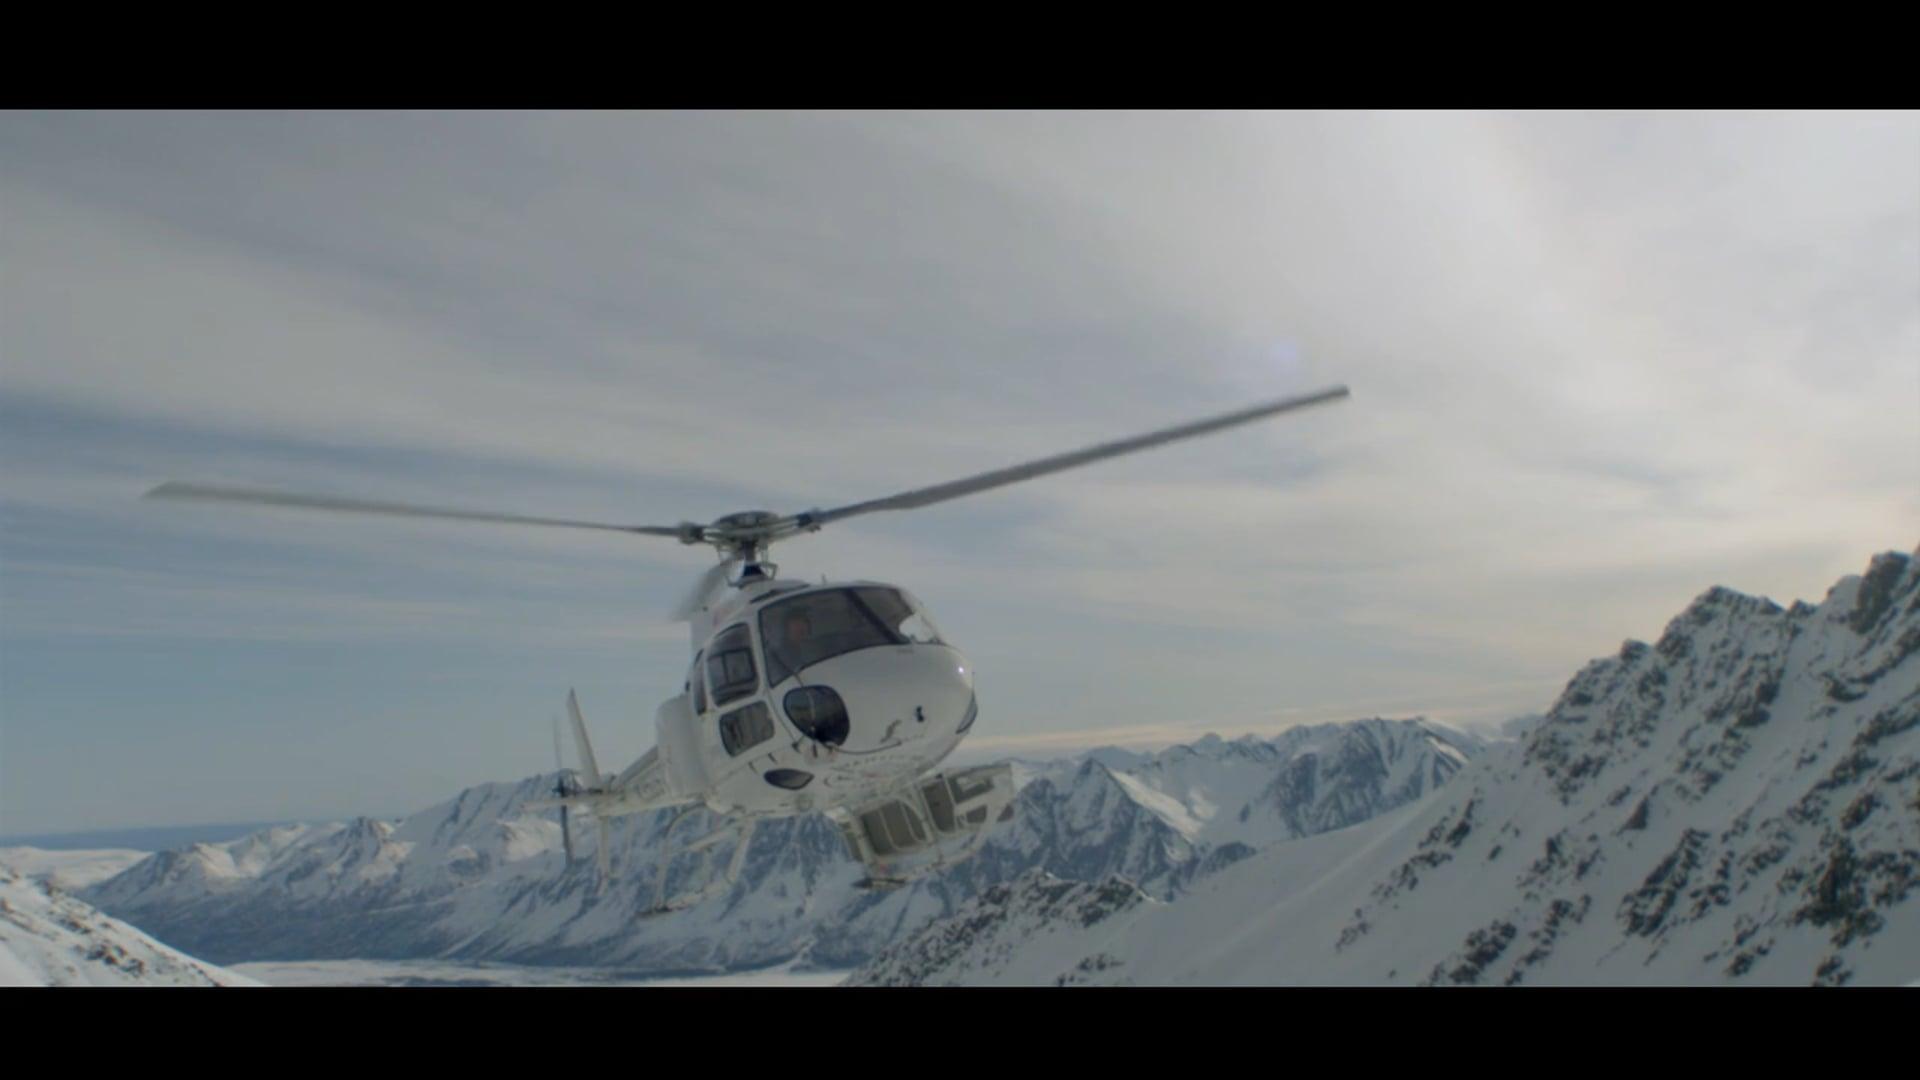 Majestic Heli Skiing